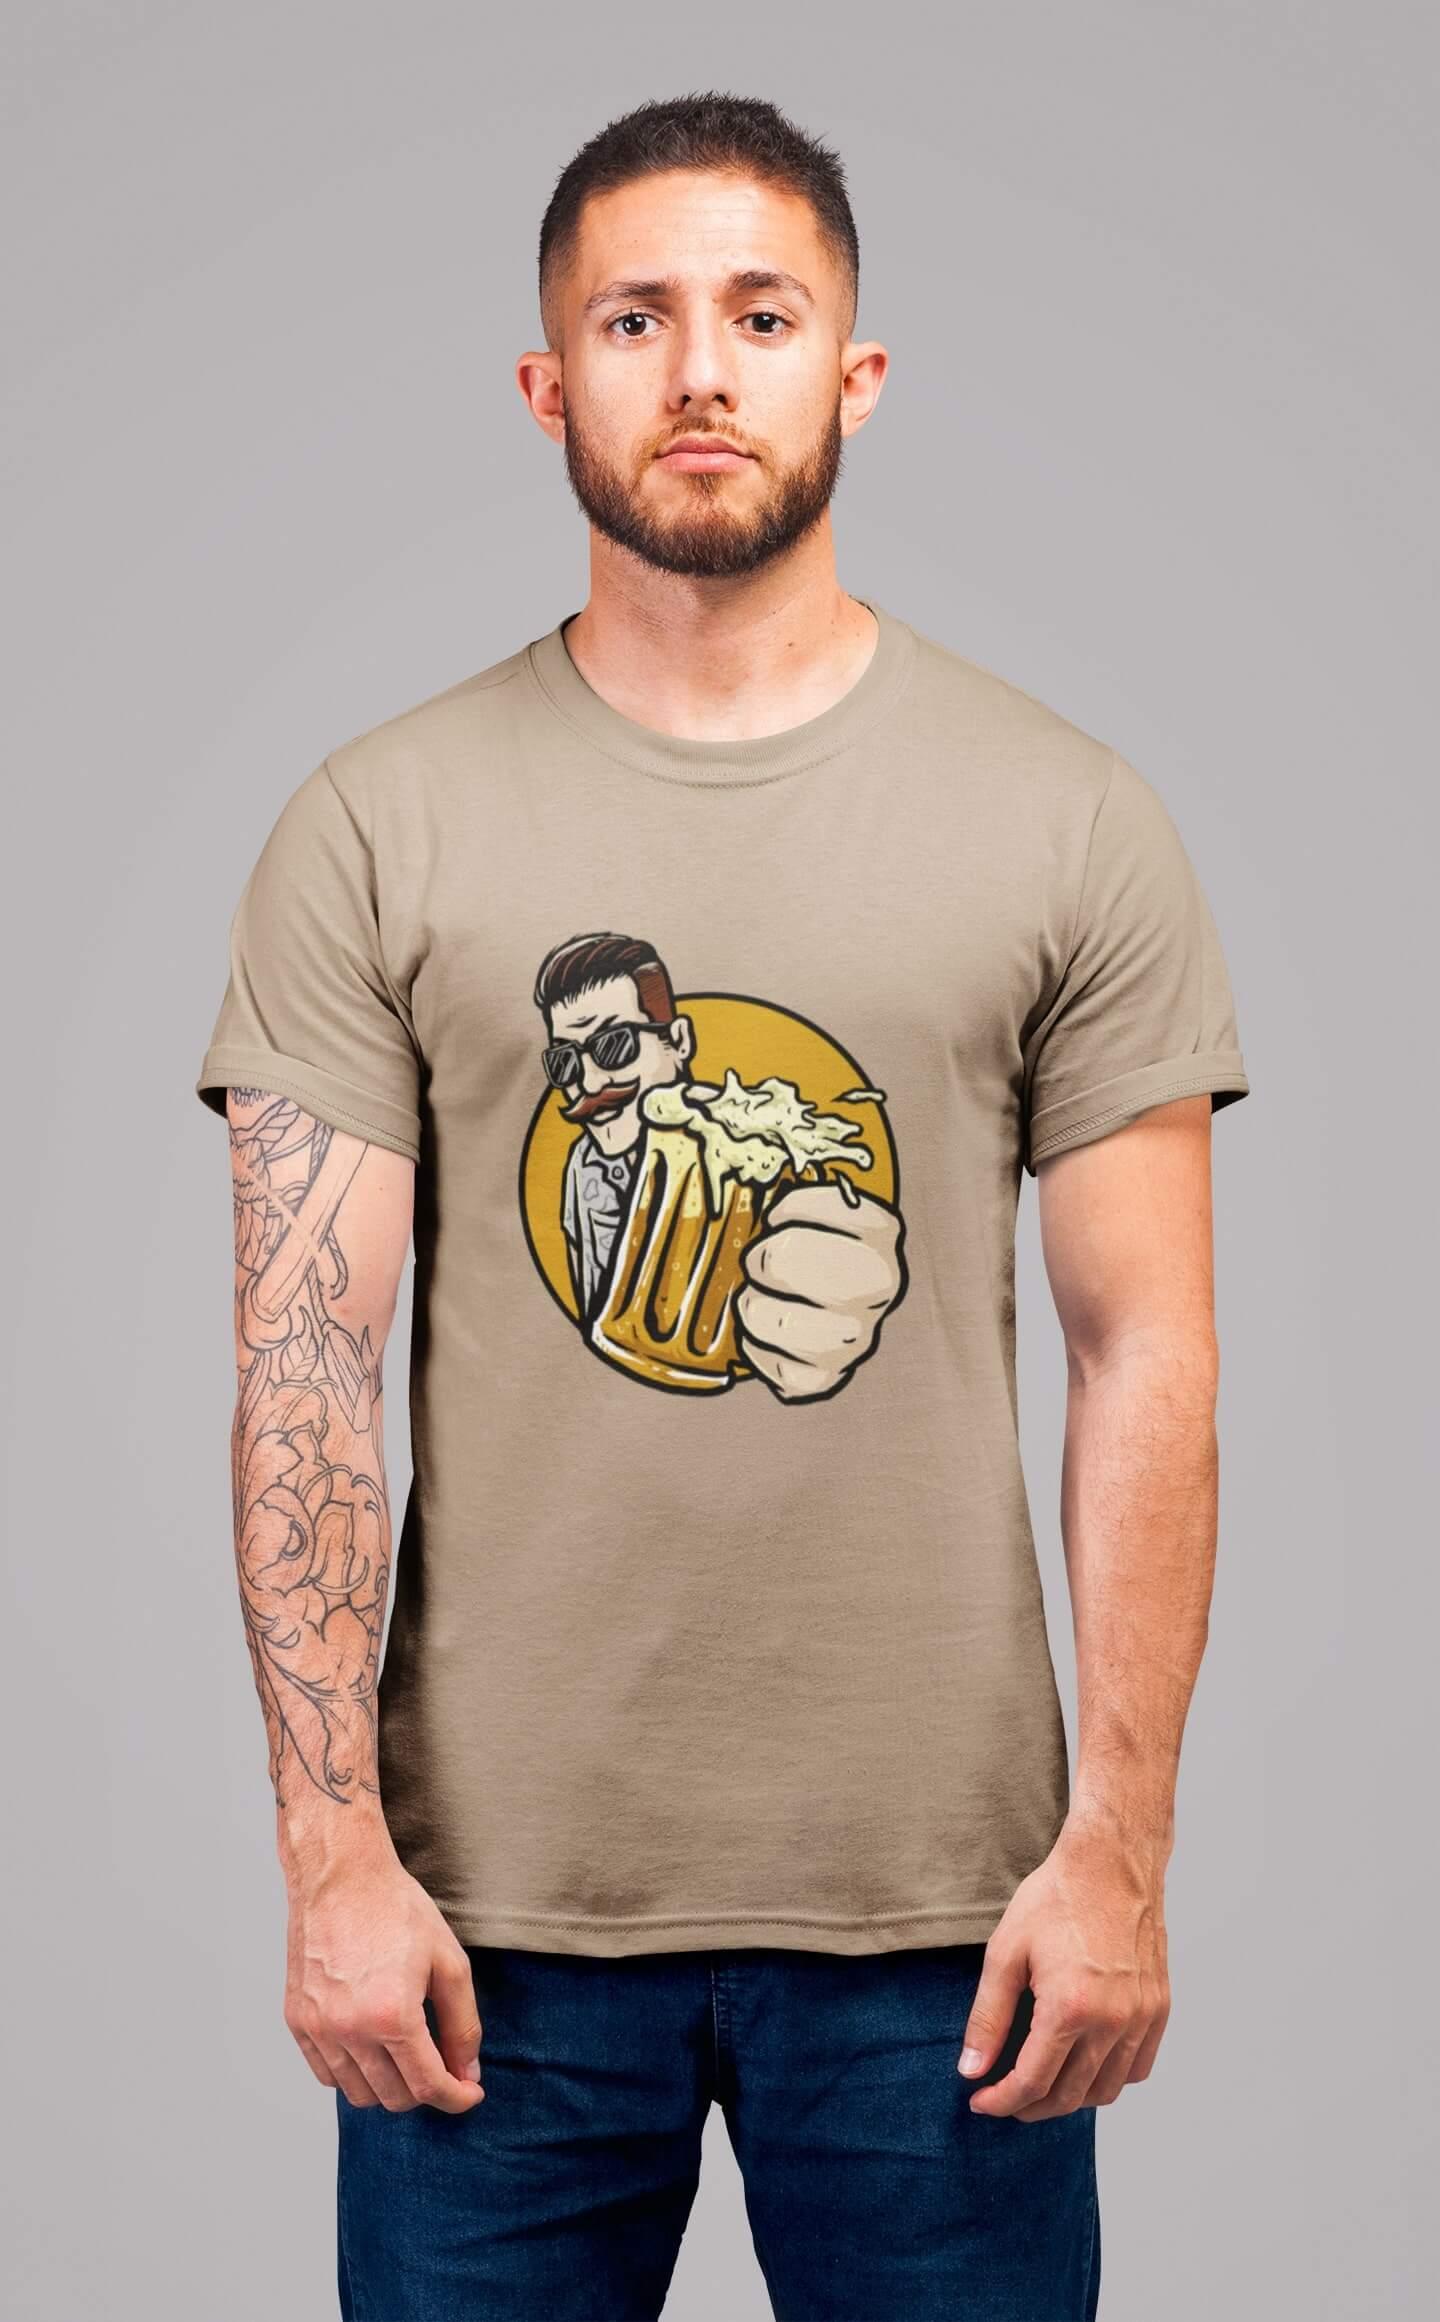 MMO Pánske tričko Chlap s pivom v ruke Vyberte farbu: Piesková, Vyberte veľkosť: L